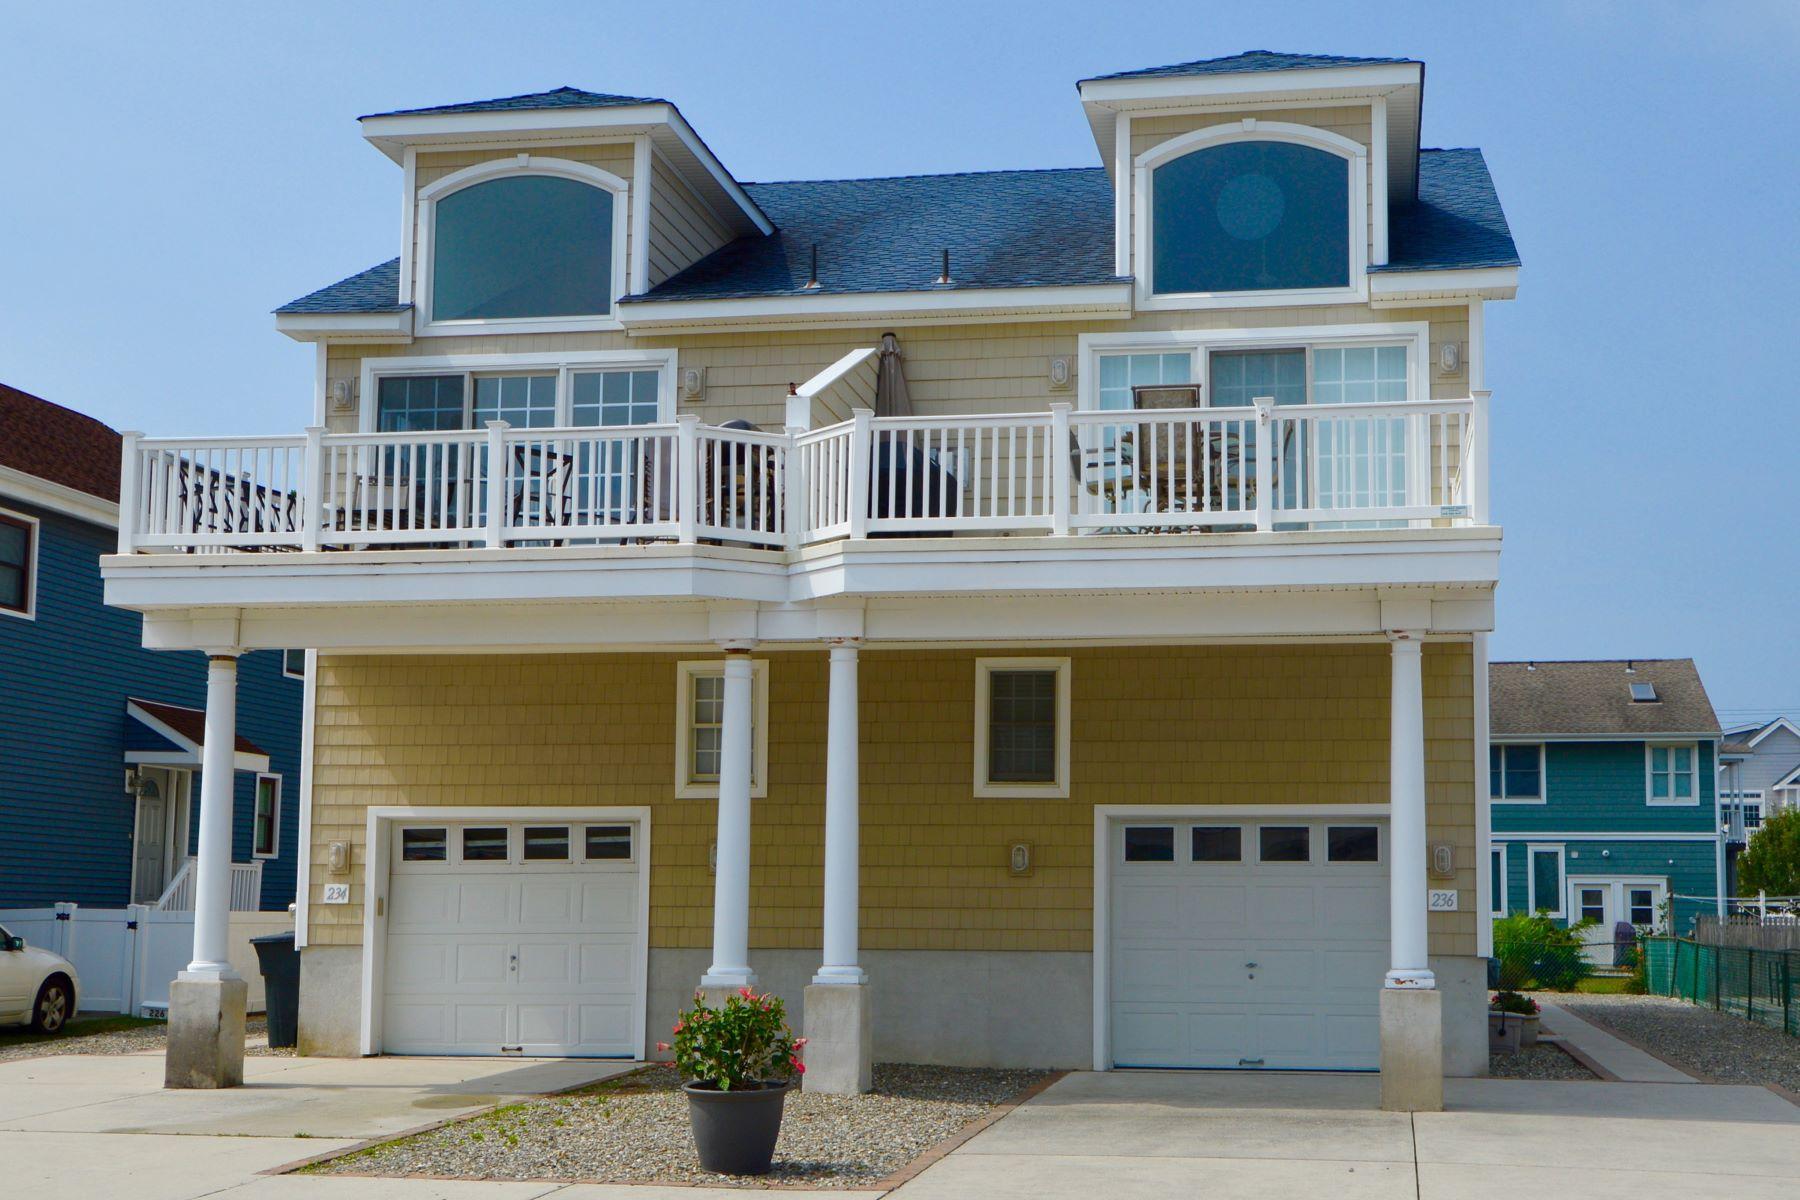 Maison unifamiliale pour l Vente à Ideal Center of Town Location 236 24th Street Avalon, New Jersey 08202 États-Unis